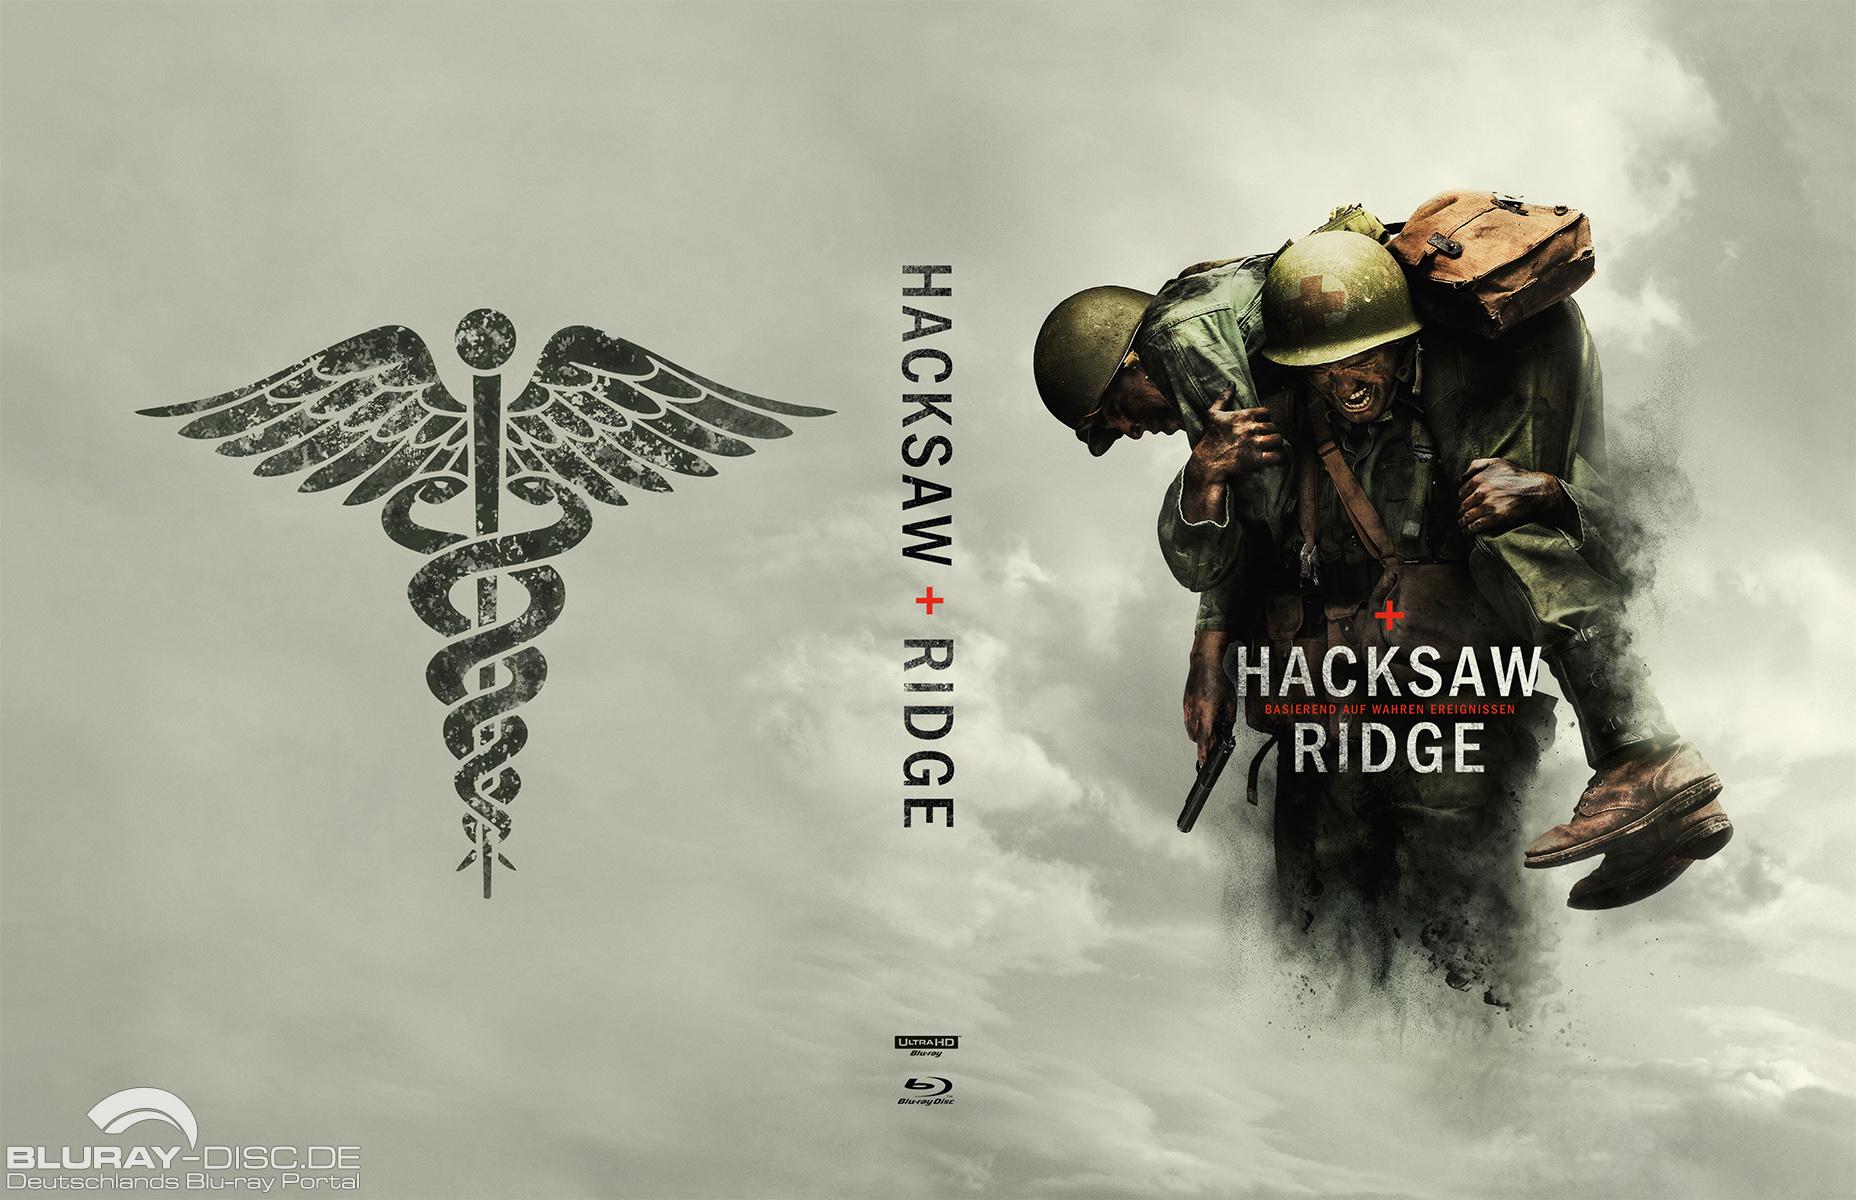 Hacksaw_Ridge_Galerie_4K_Mediabook_Cover_A_02.jpg